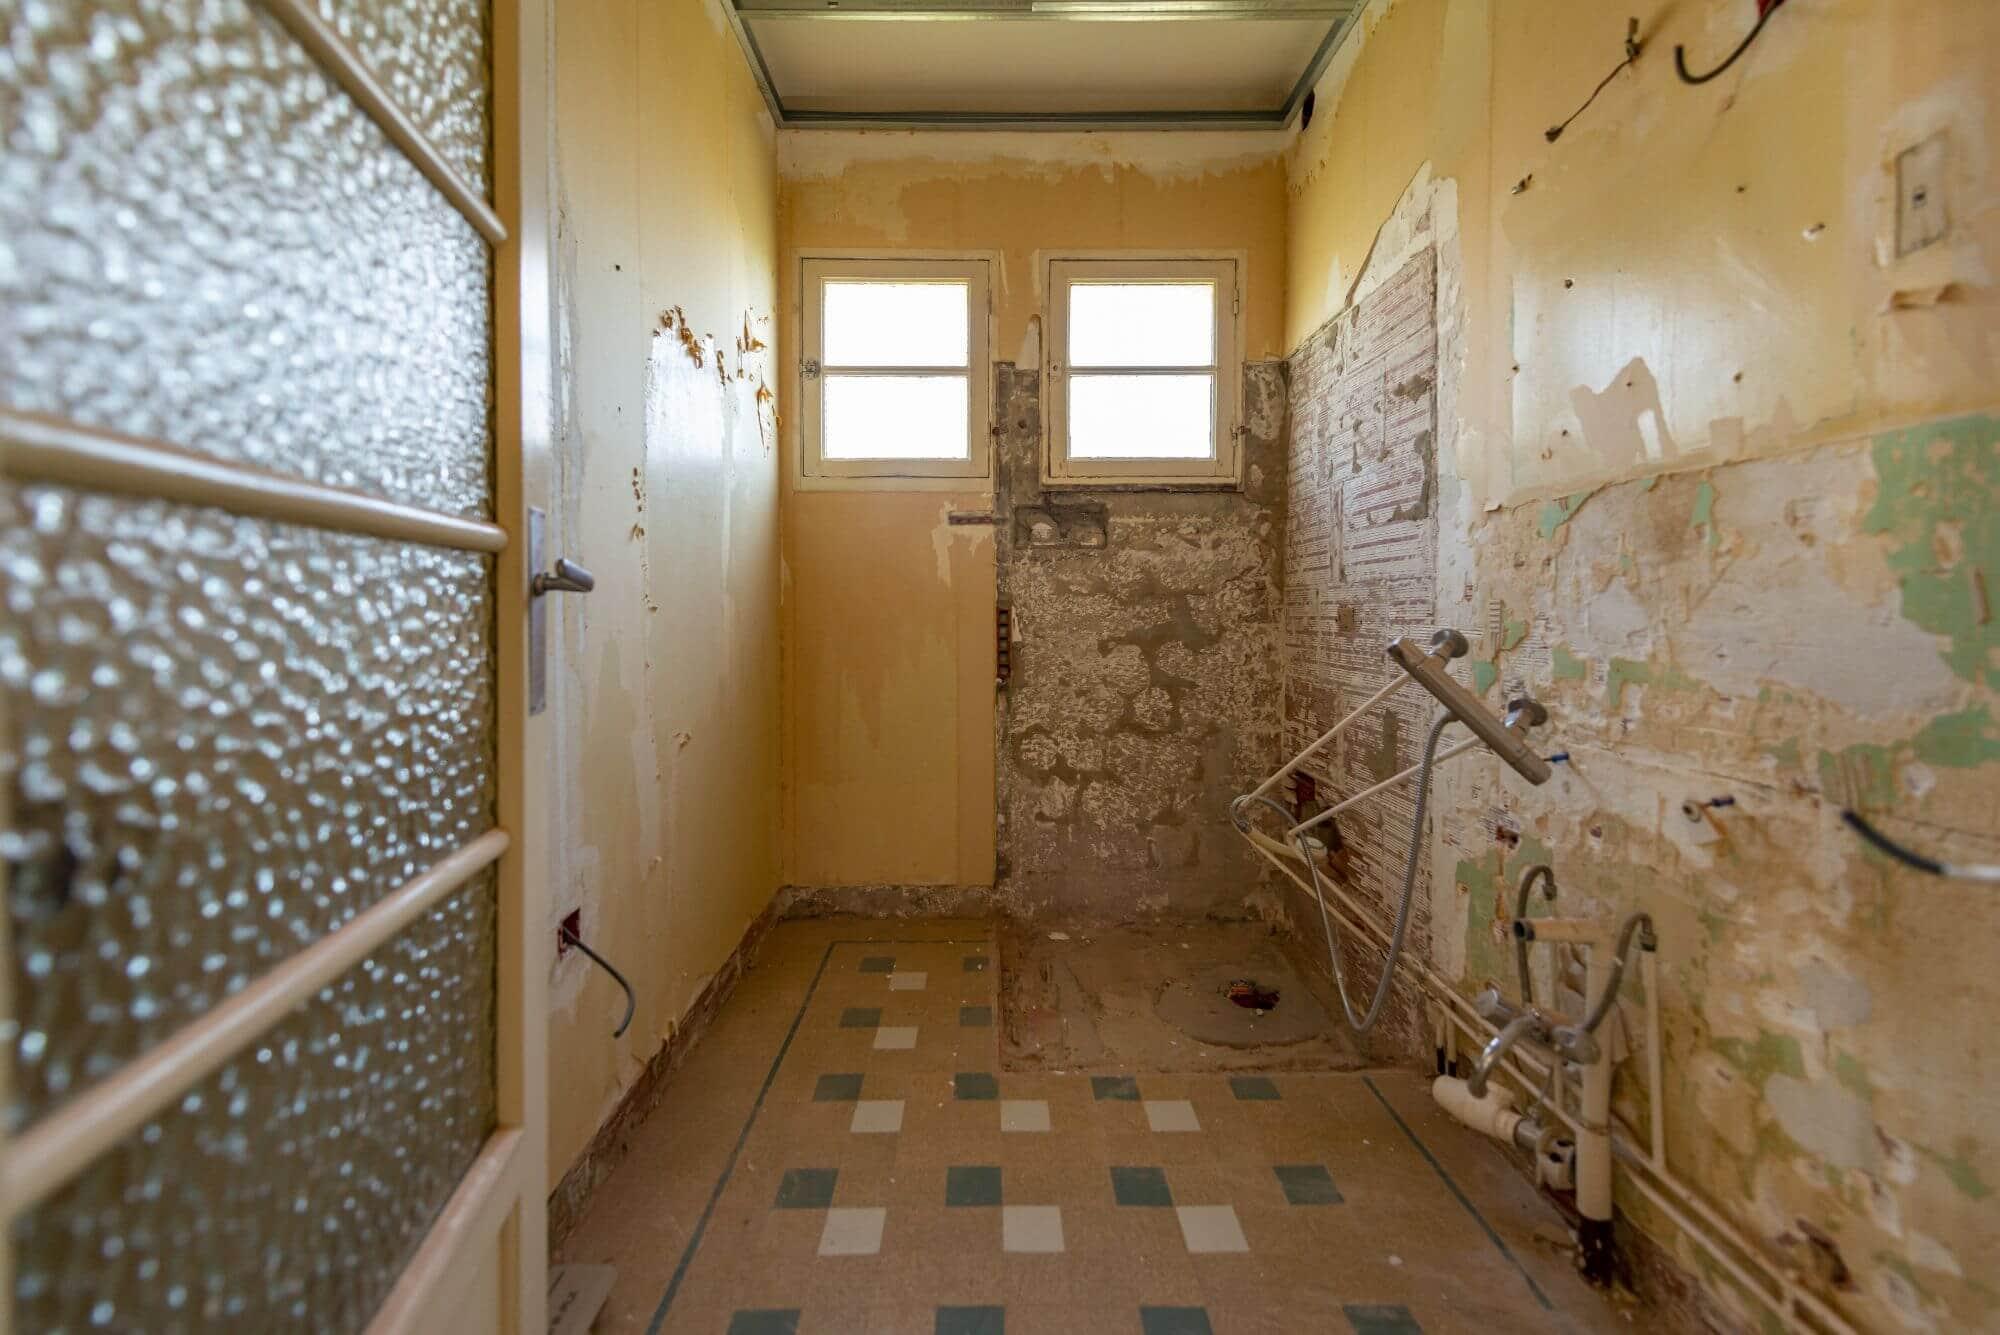 Rénovation, Salle de bain, Refait à neuf